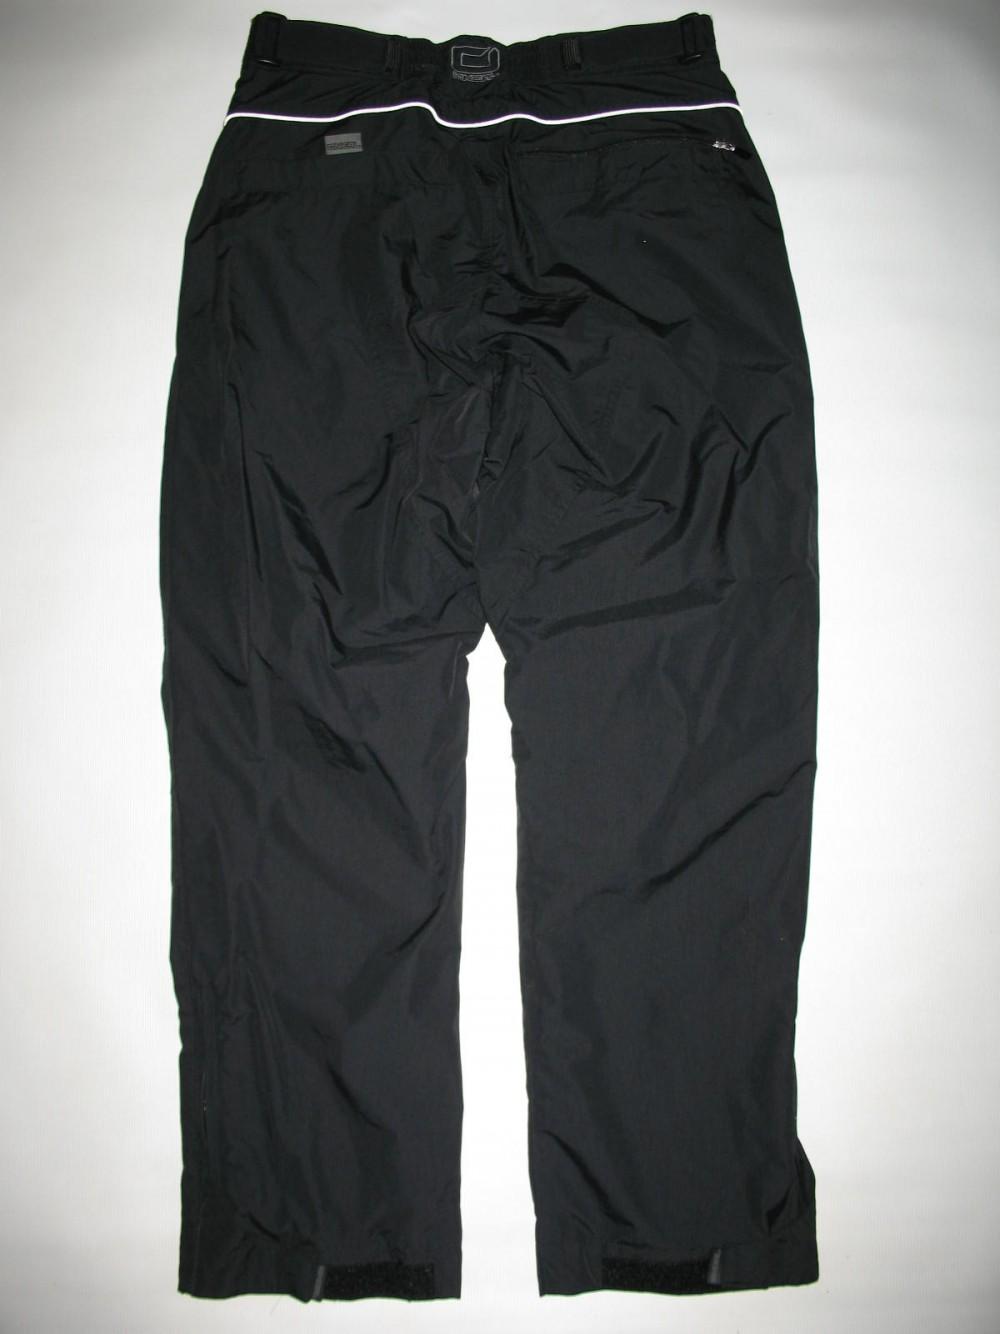 Штаны ONEAL predator III bike pants (размер 48/M) - 6